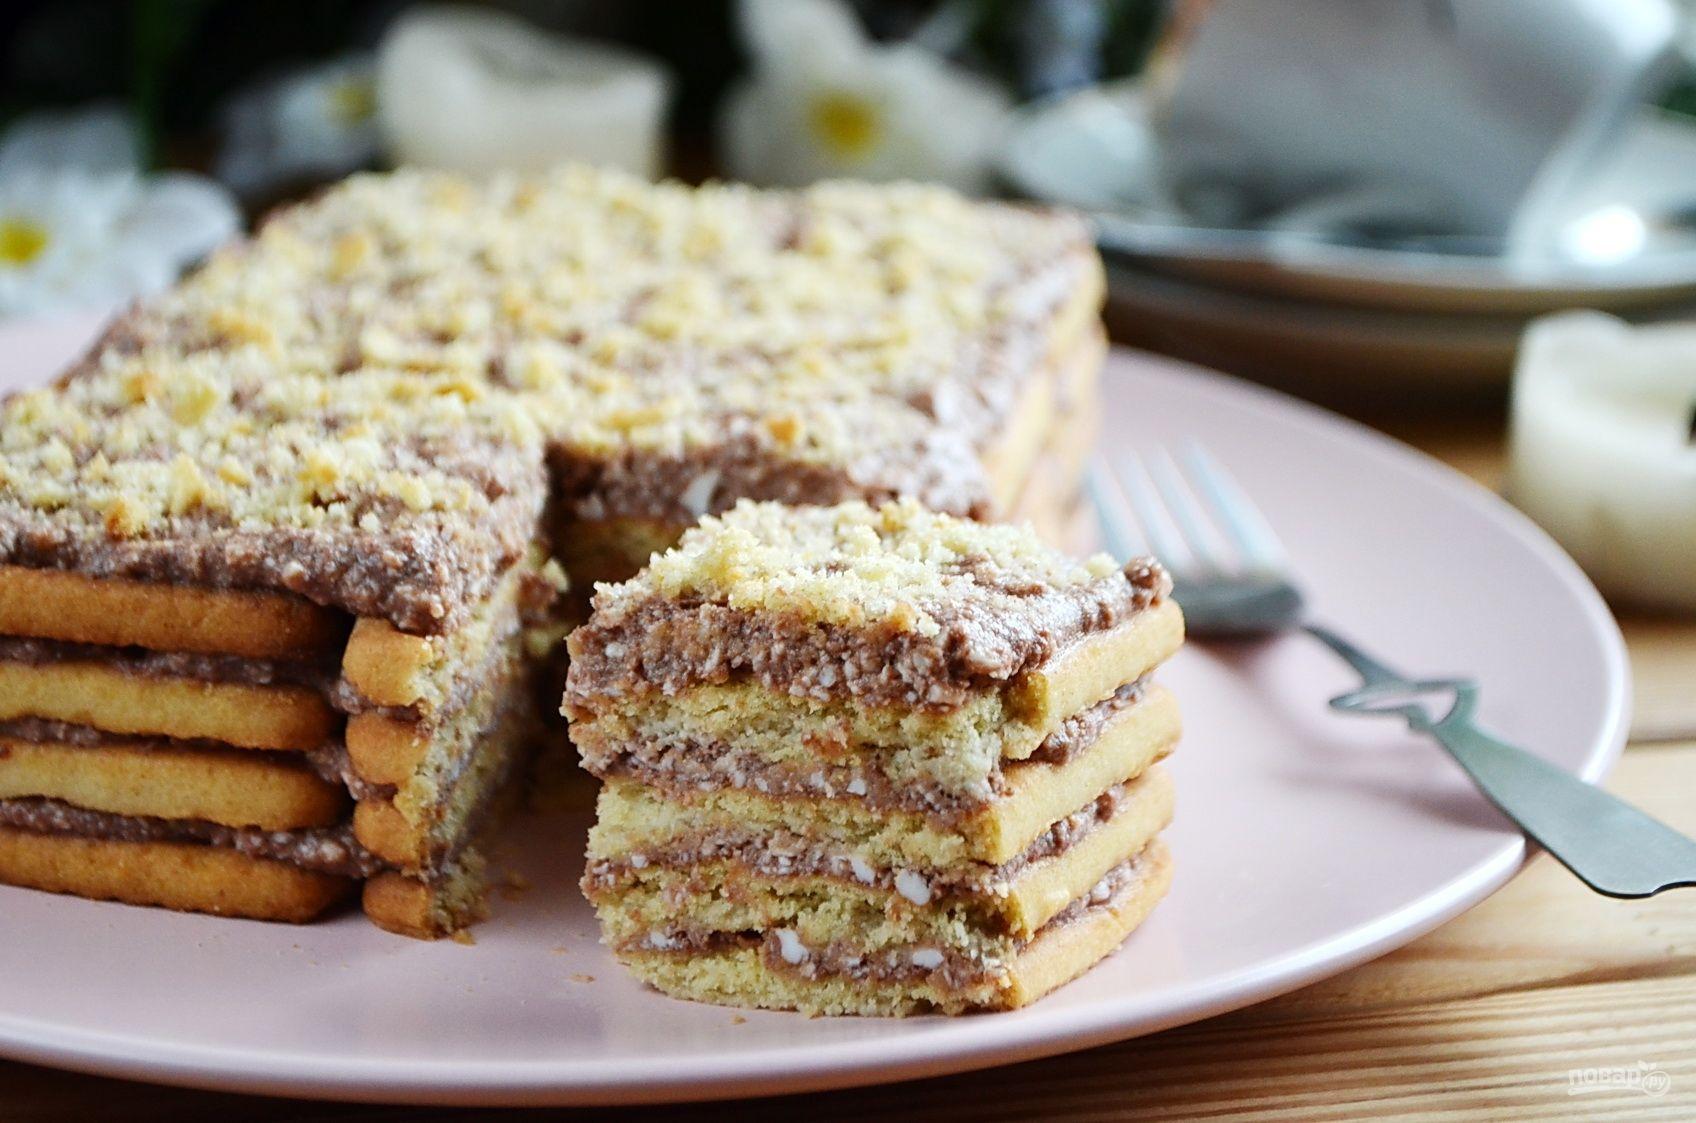 Для прослаивания коржей из печенья подойдёт любой крем: сливочный, заварной, творожный, со сгущёнкой, шоколадный.